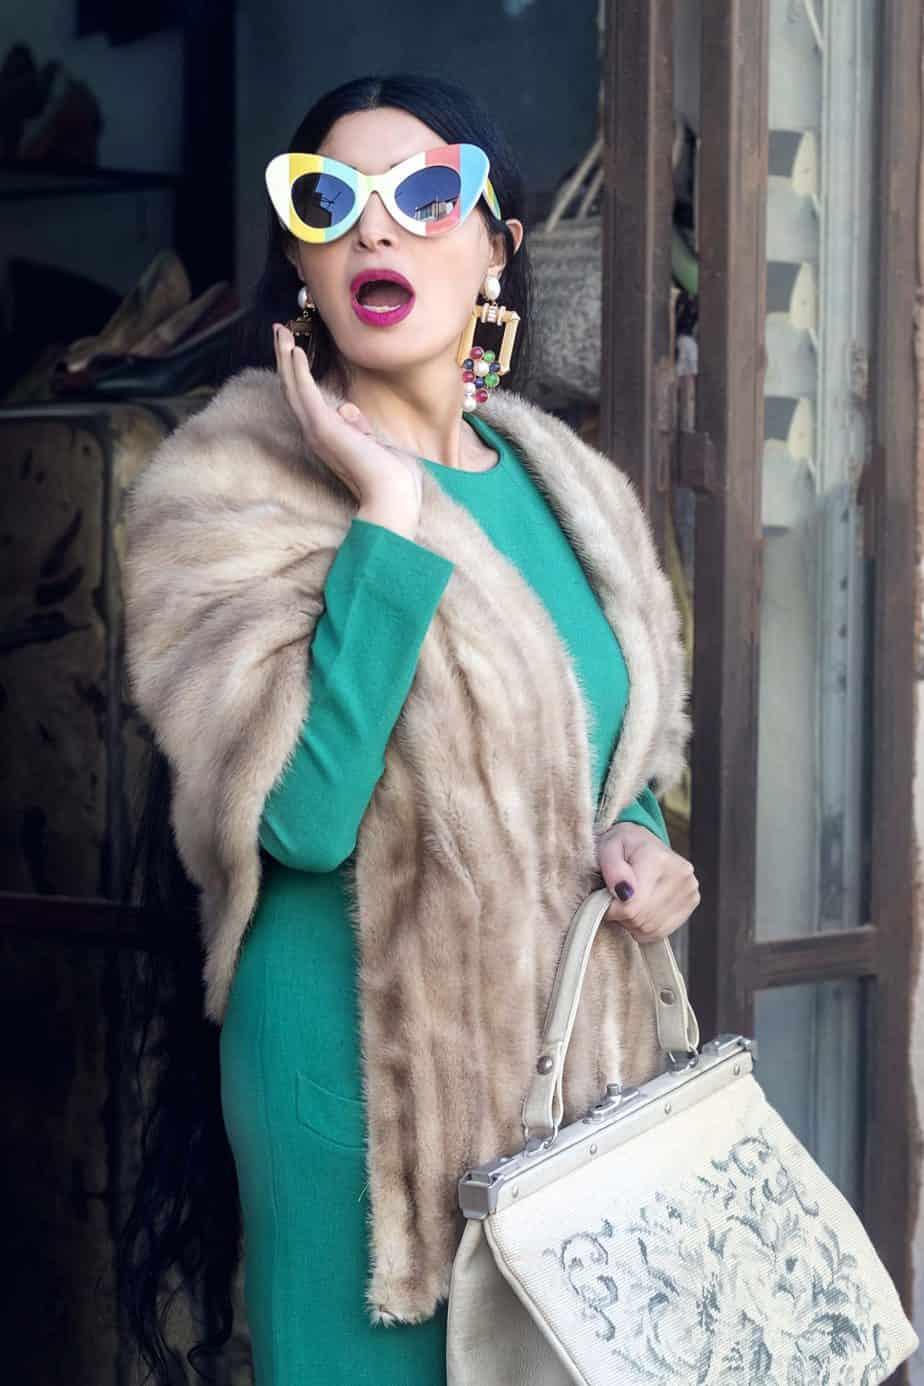 תיק גובלן, פרווה elizabeth taylor. מאיה אושרי כהן, צילום: Gennadiy Tsodik, אופנה במנהרת הזמן, לוני ויטג׳ -